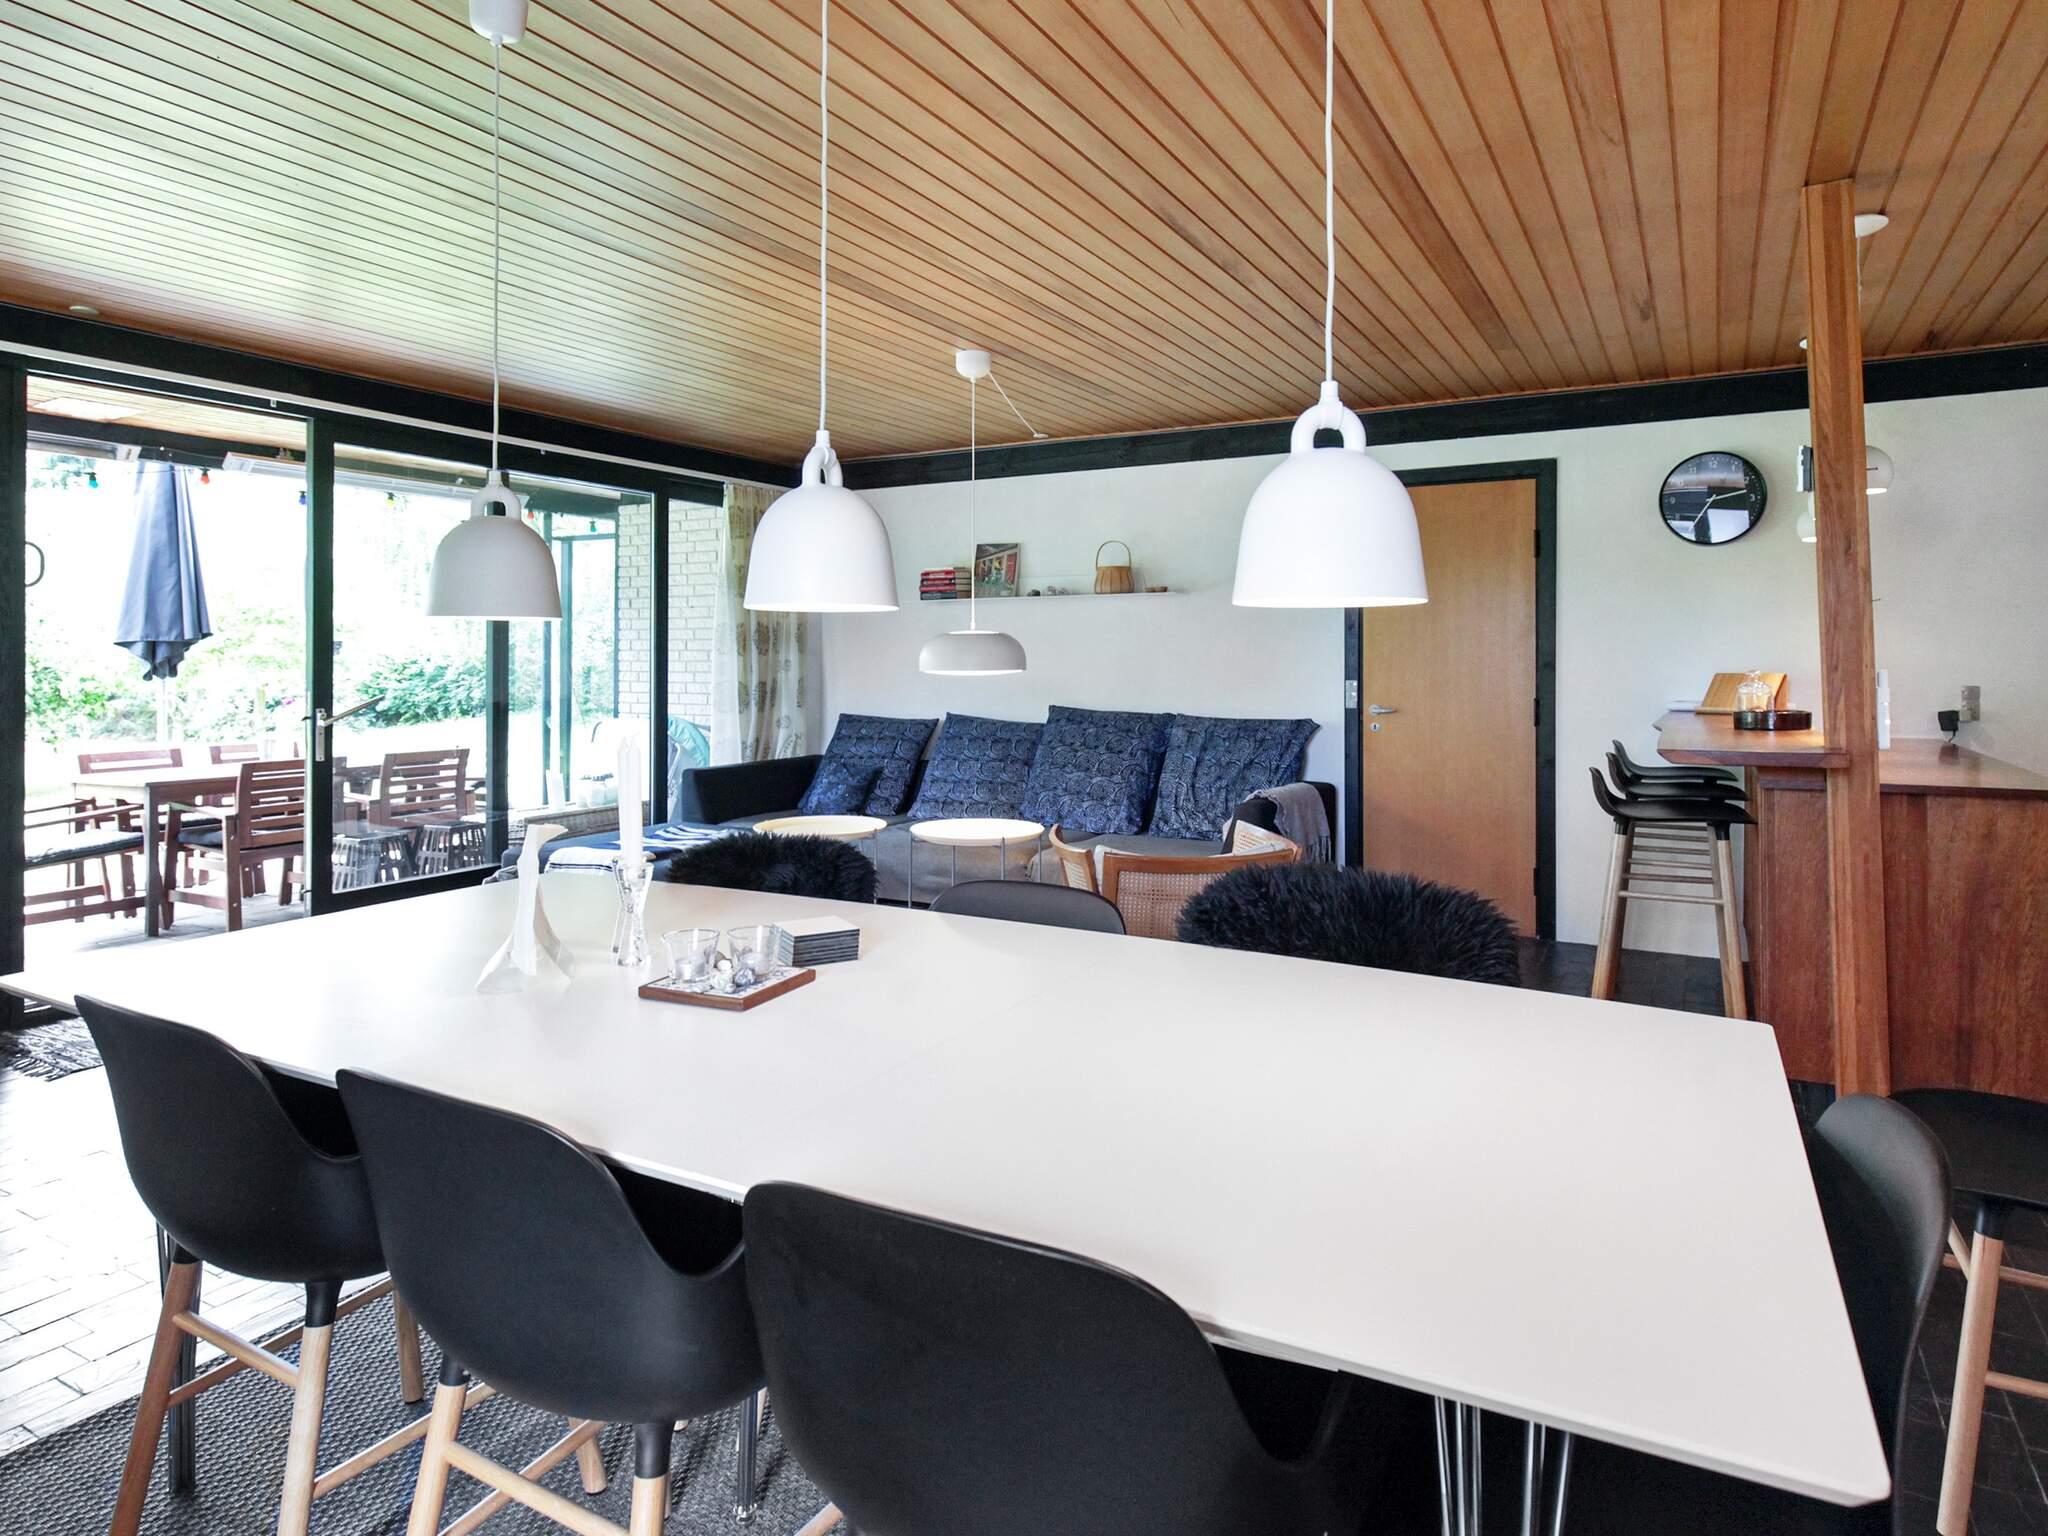 Ferienhaus Rågeleje (2628463), Rågeleje, , Nordseeland, Dänemark, Bild 5